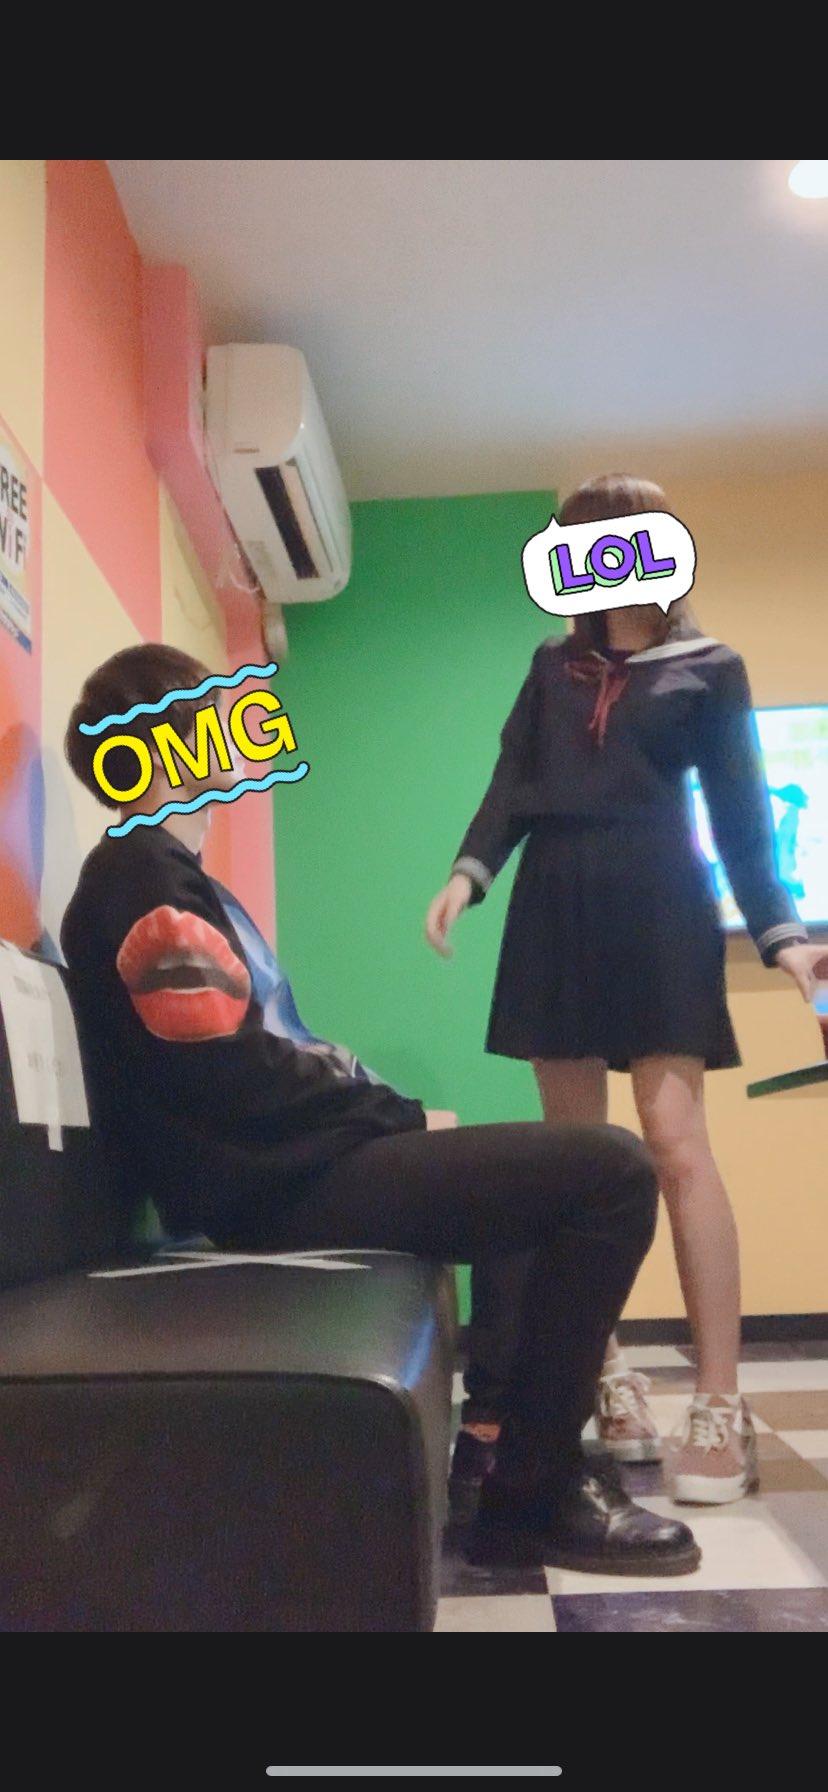 【画像】JKさん、カラオケで男と濃厚接触してしまうww